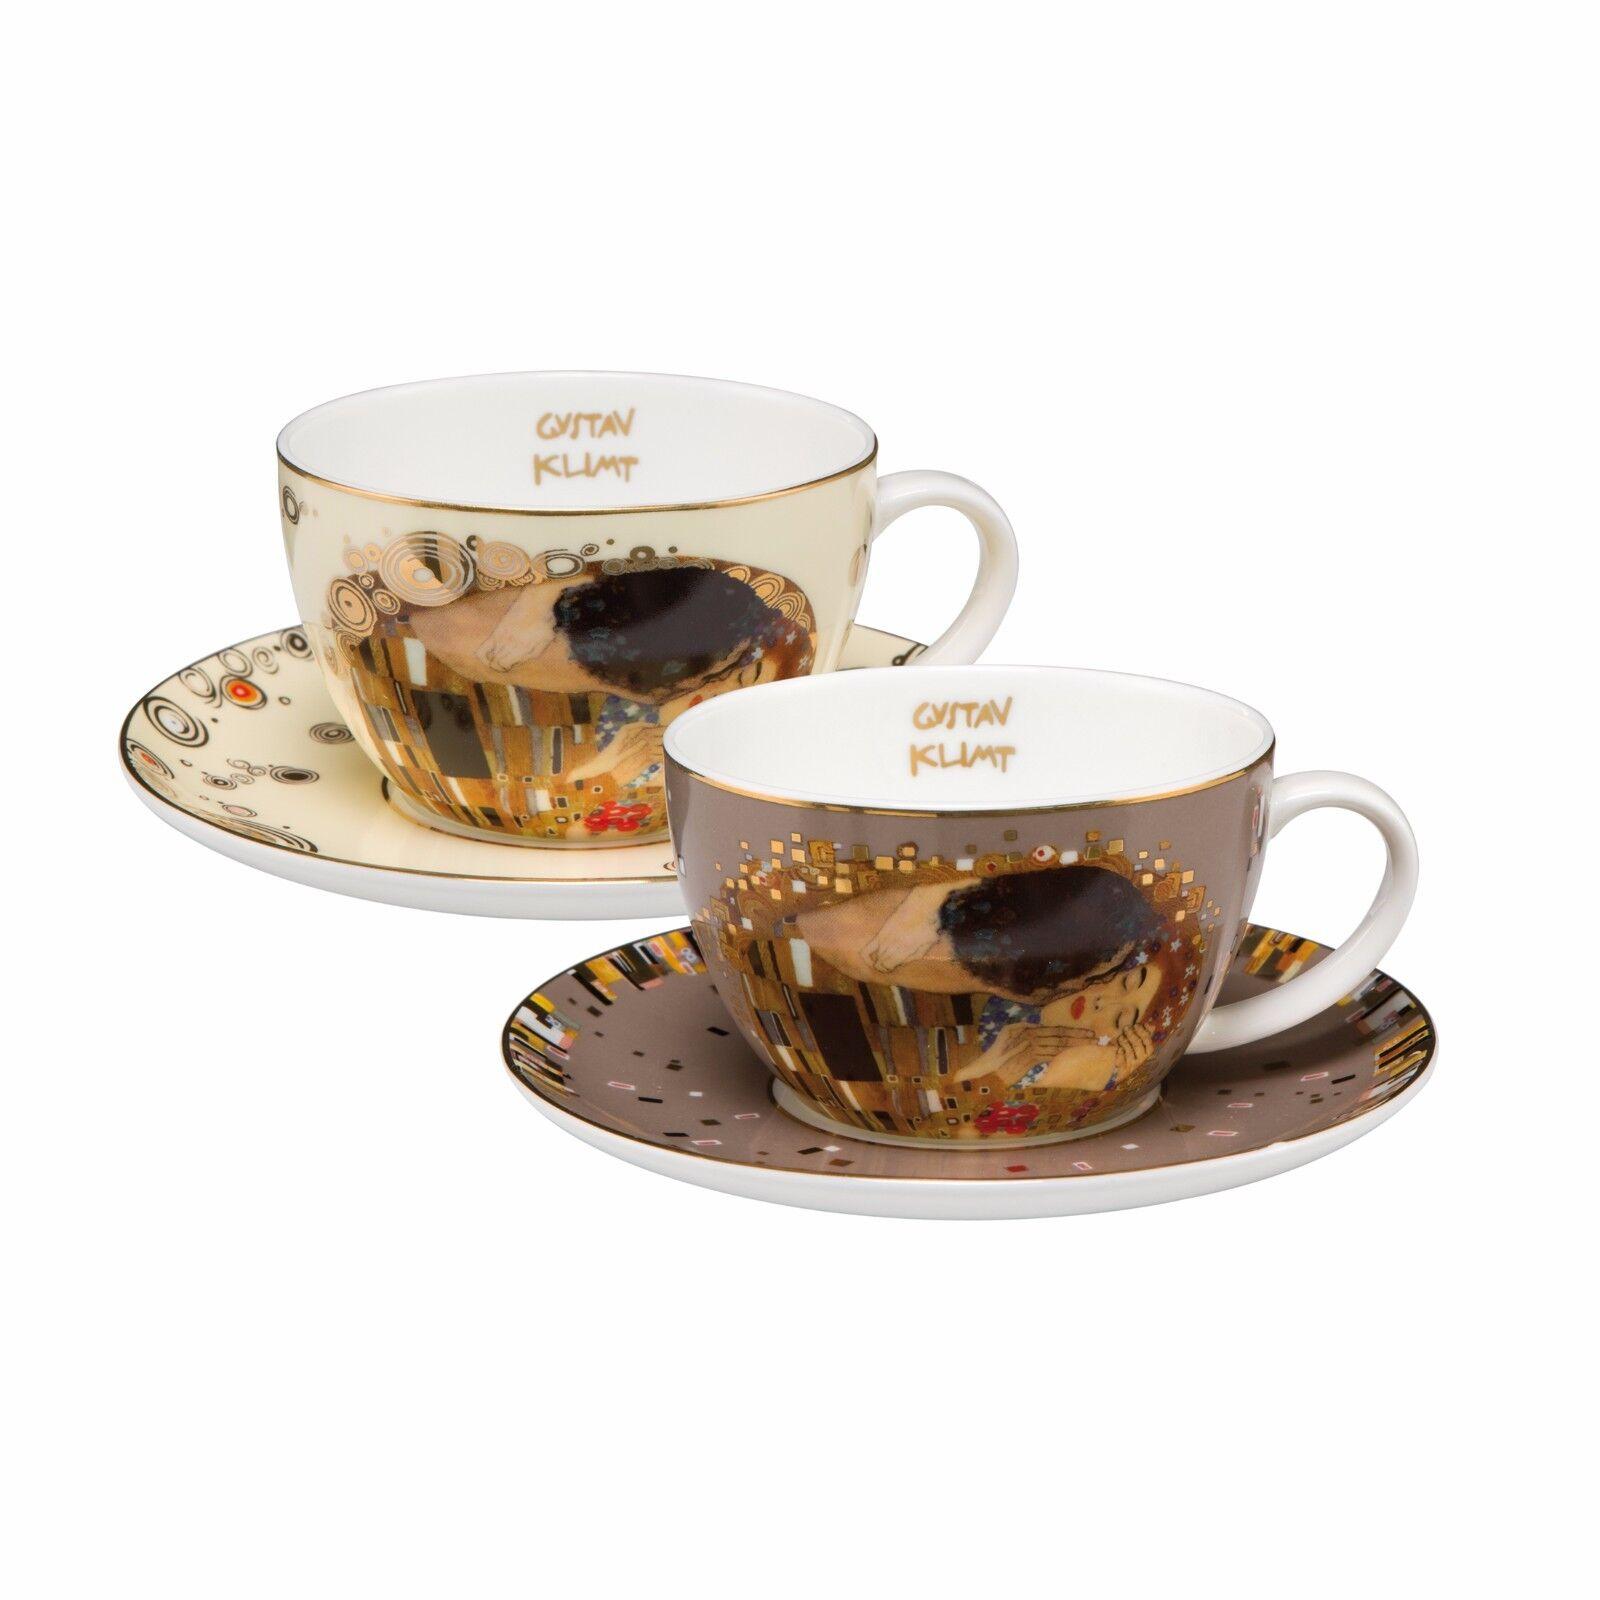 Goebel Le bisou des tasses de thé set tasses Limitée Nouveauté 2017 GUSTAV KLIMT